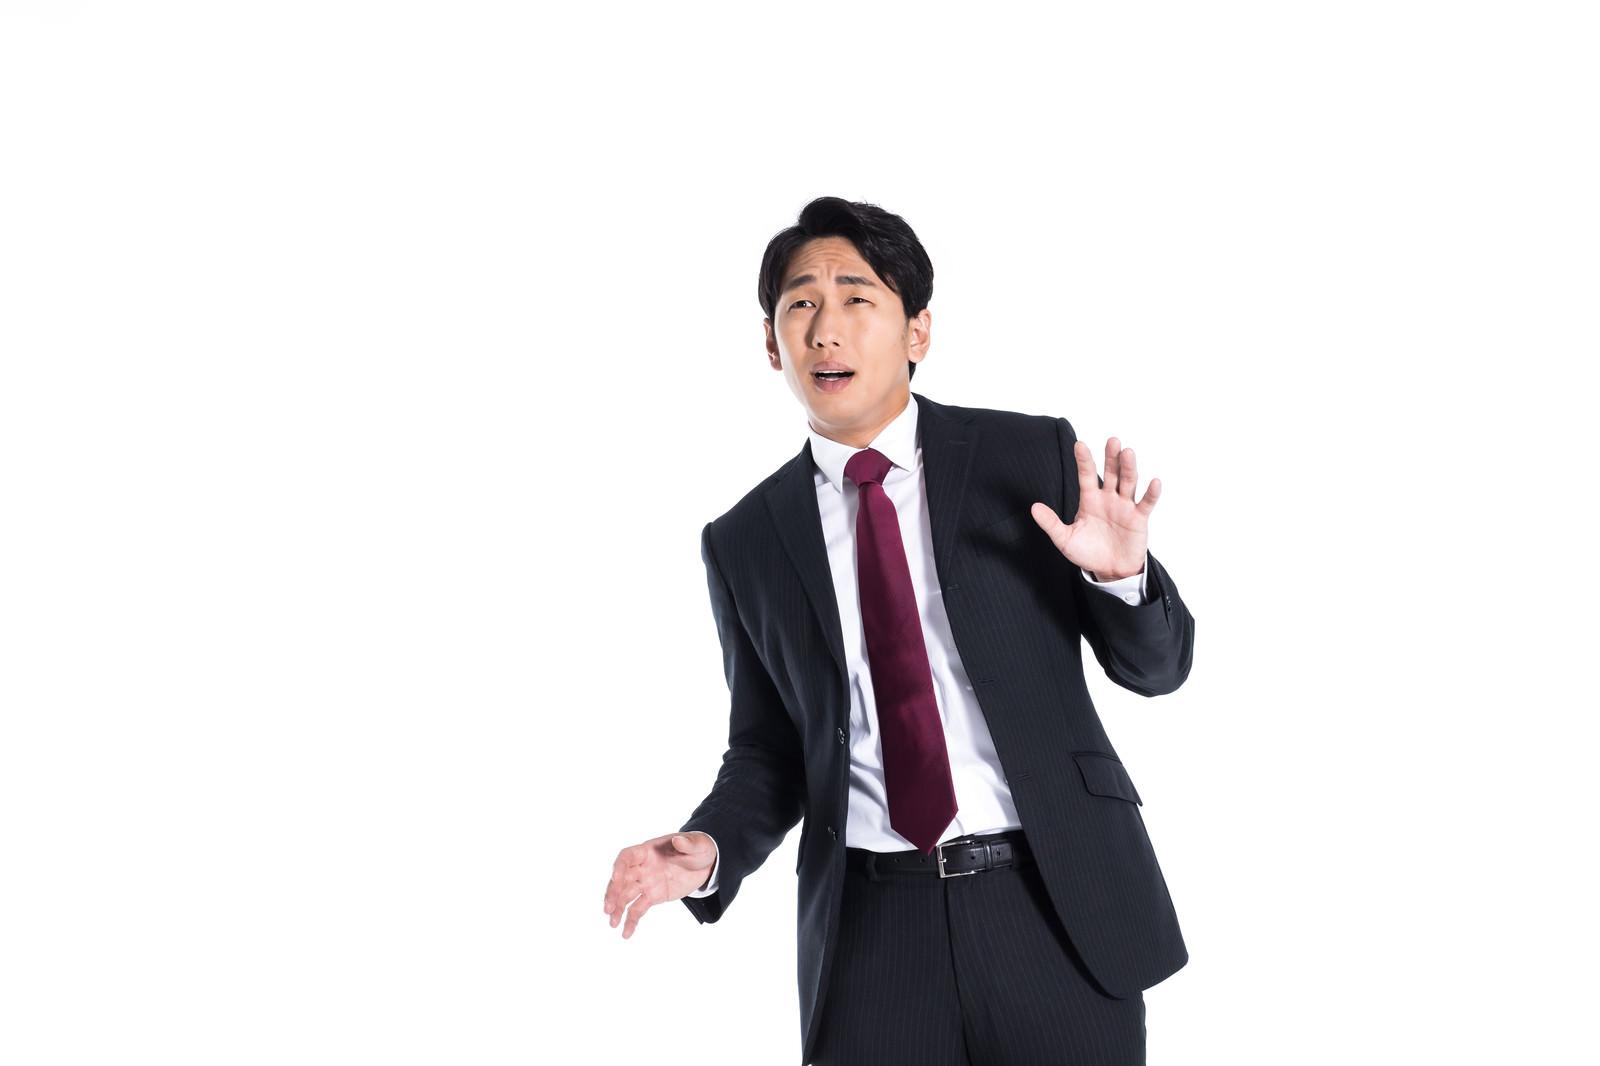 「問題に対応できずオロオロする会社員」の写真[モデル:大川竜弥]